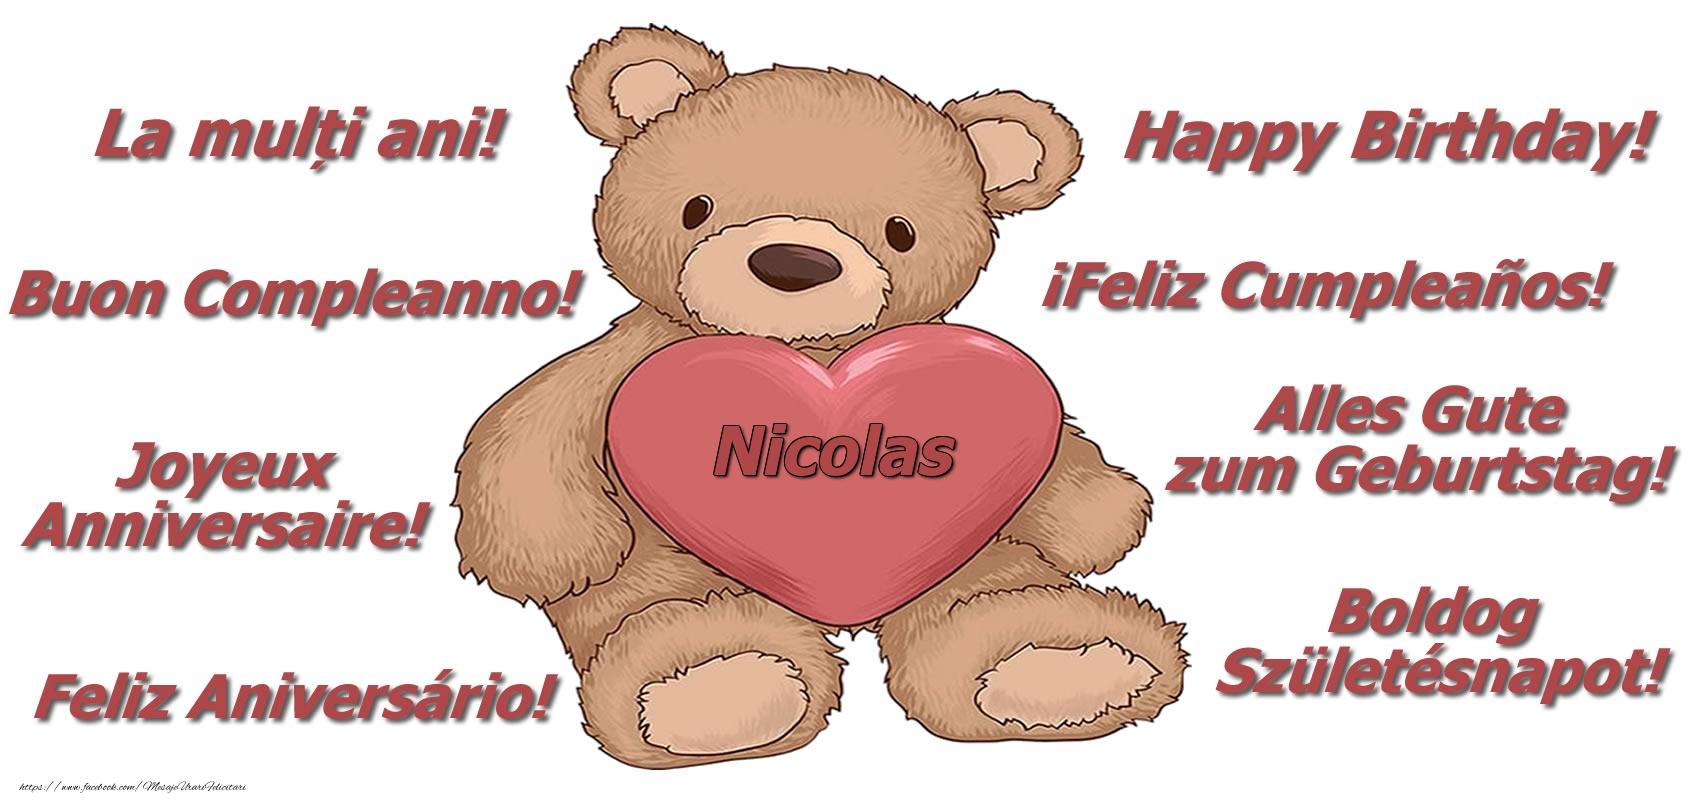 Felicitari de zi de nastere - La multi ani Nicolas! - Ursulet